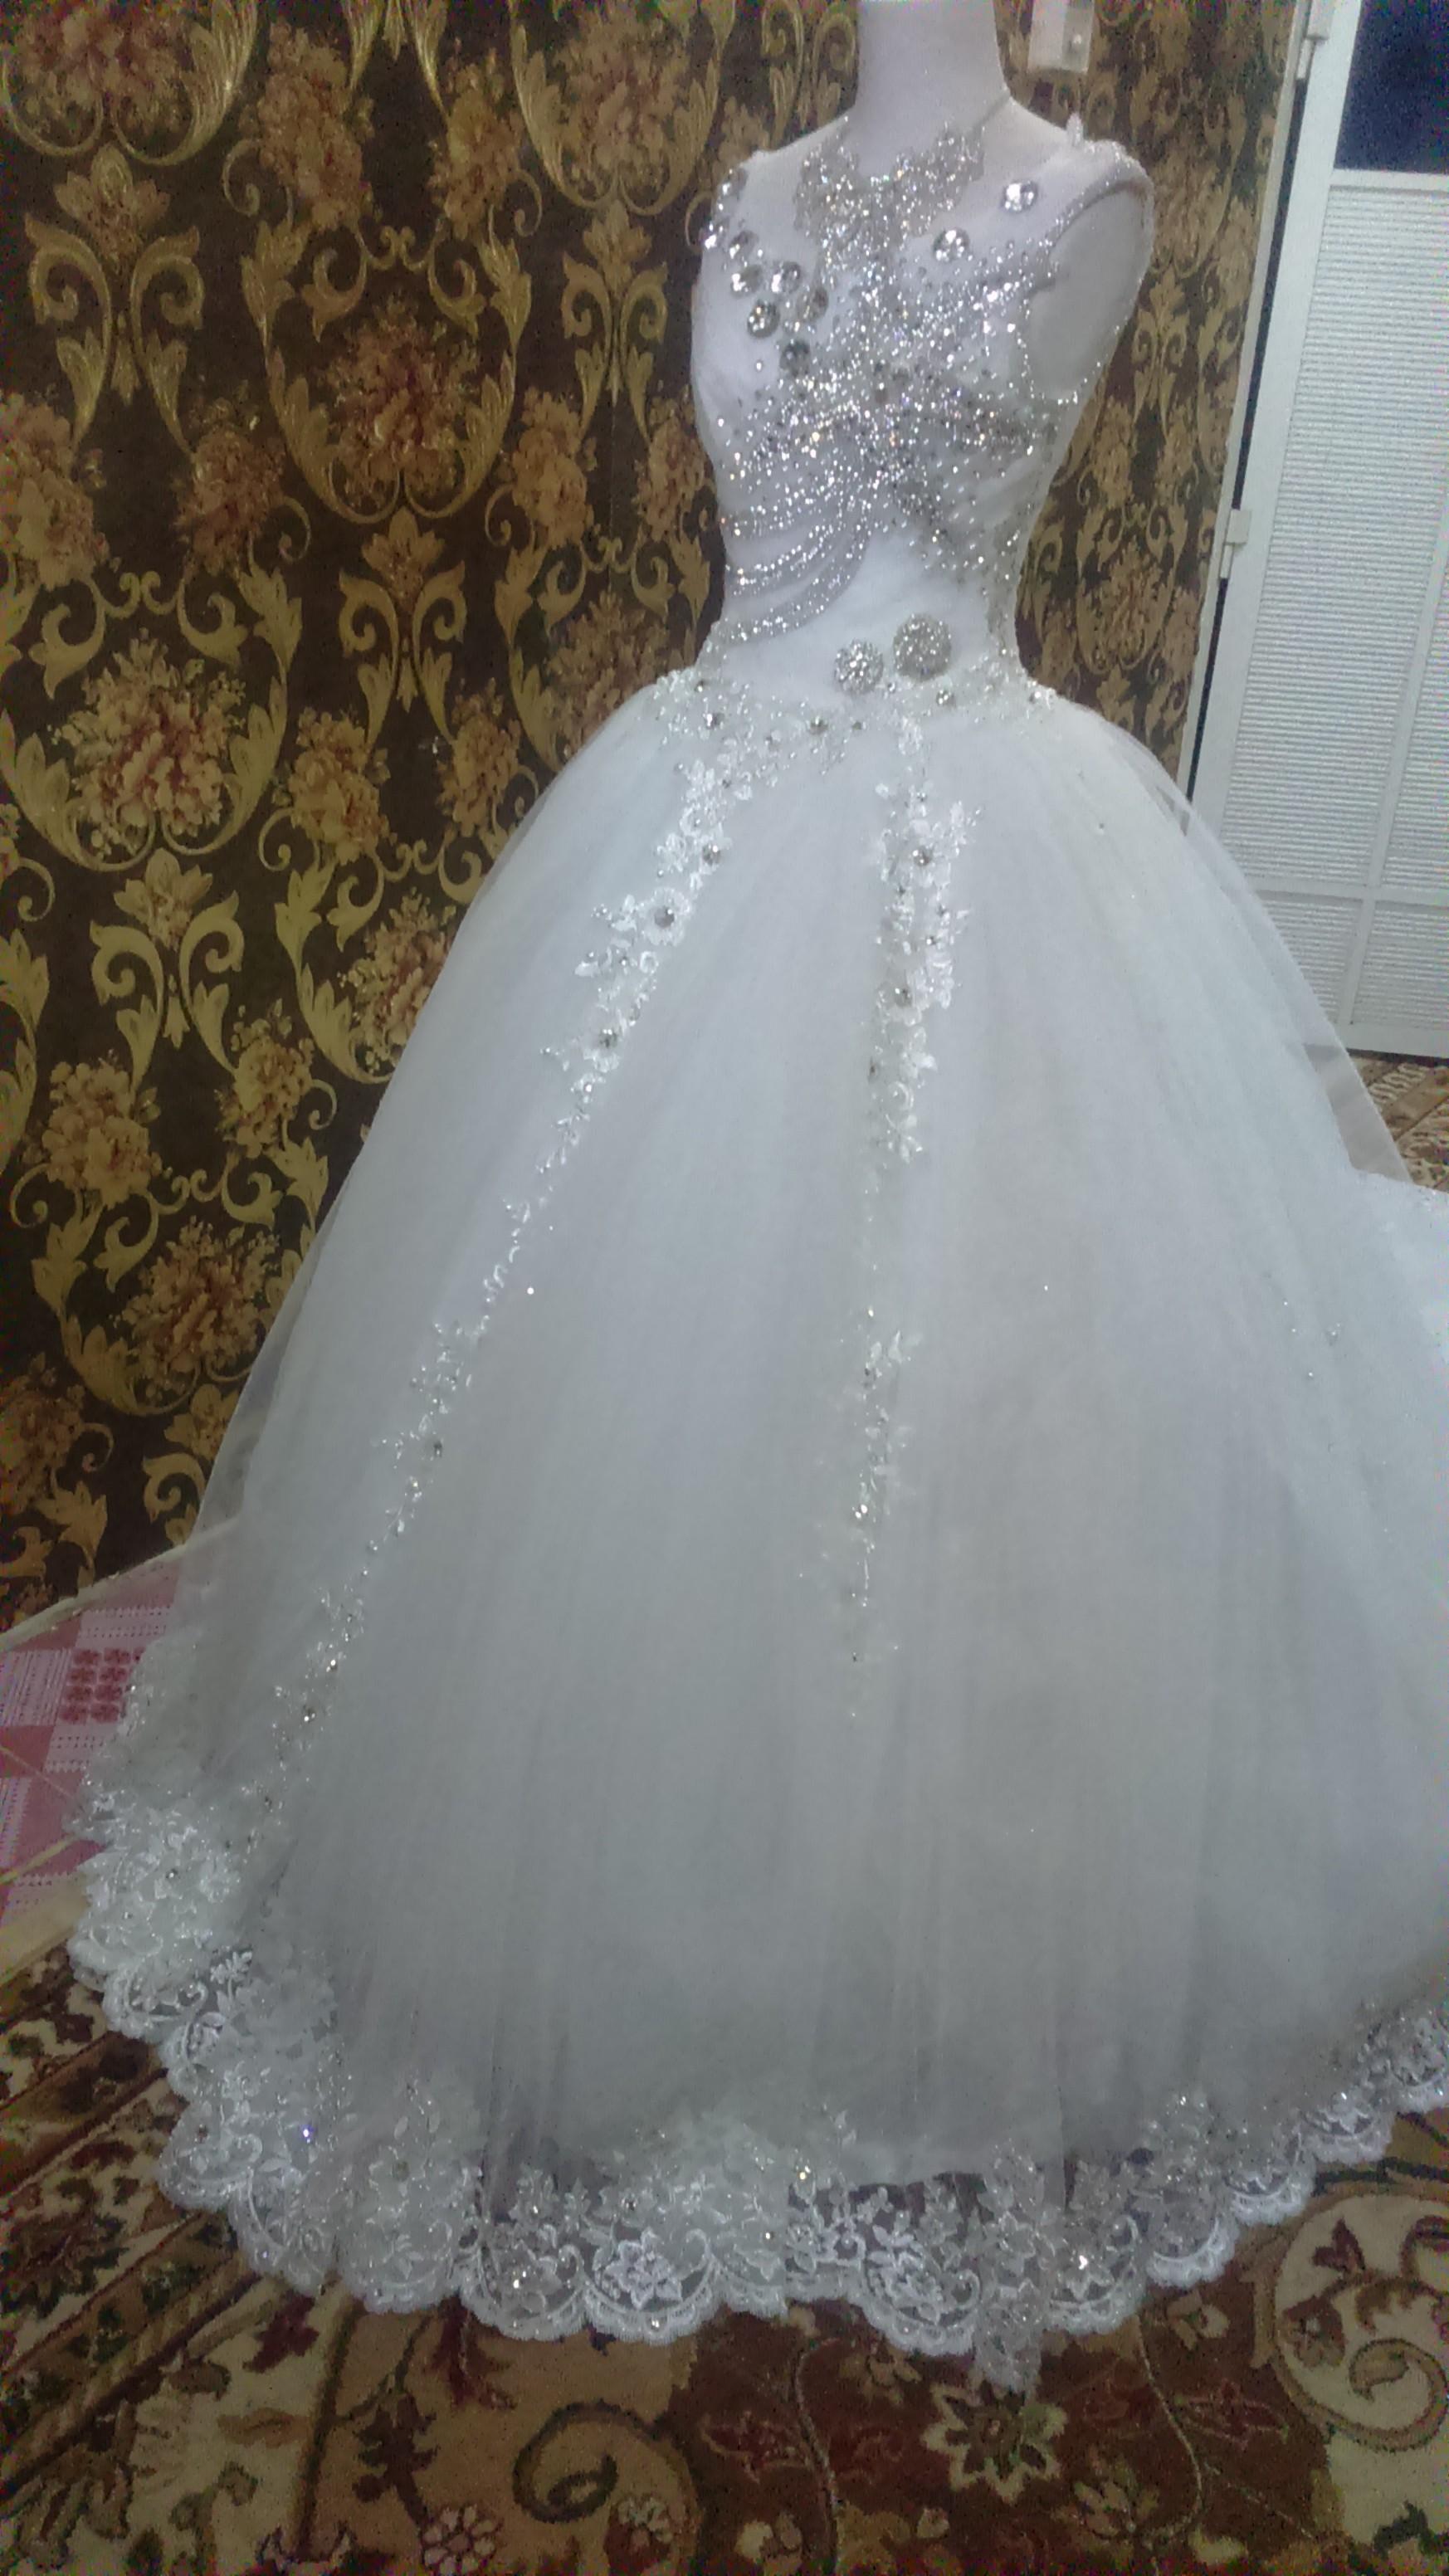 4405f514a056f الموضوع  فساتين زفاف جديدة للبيع